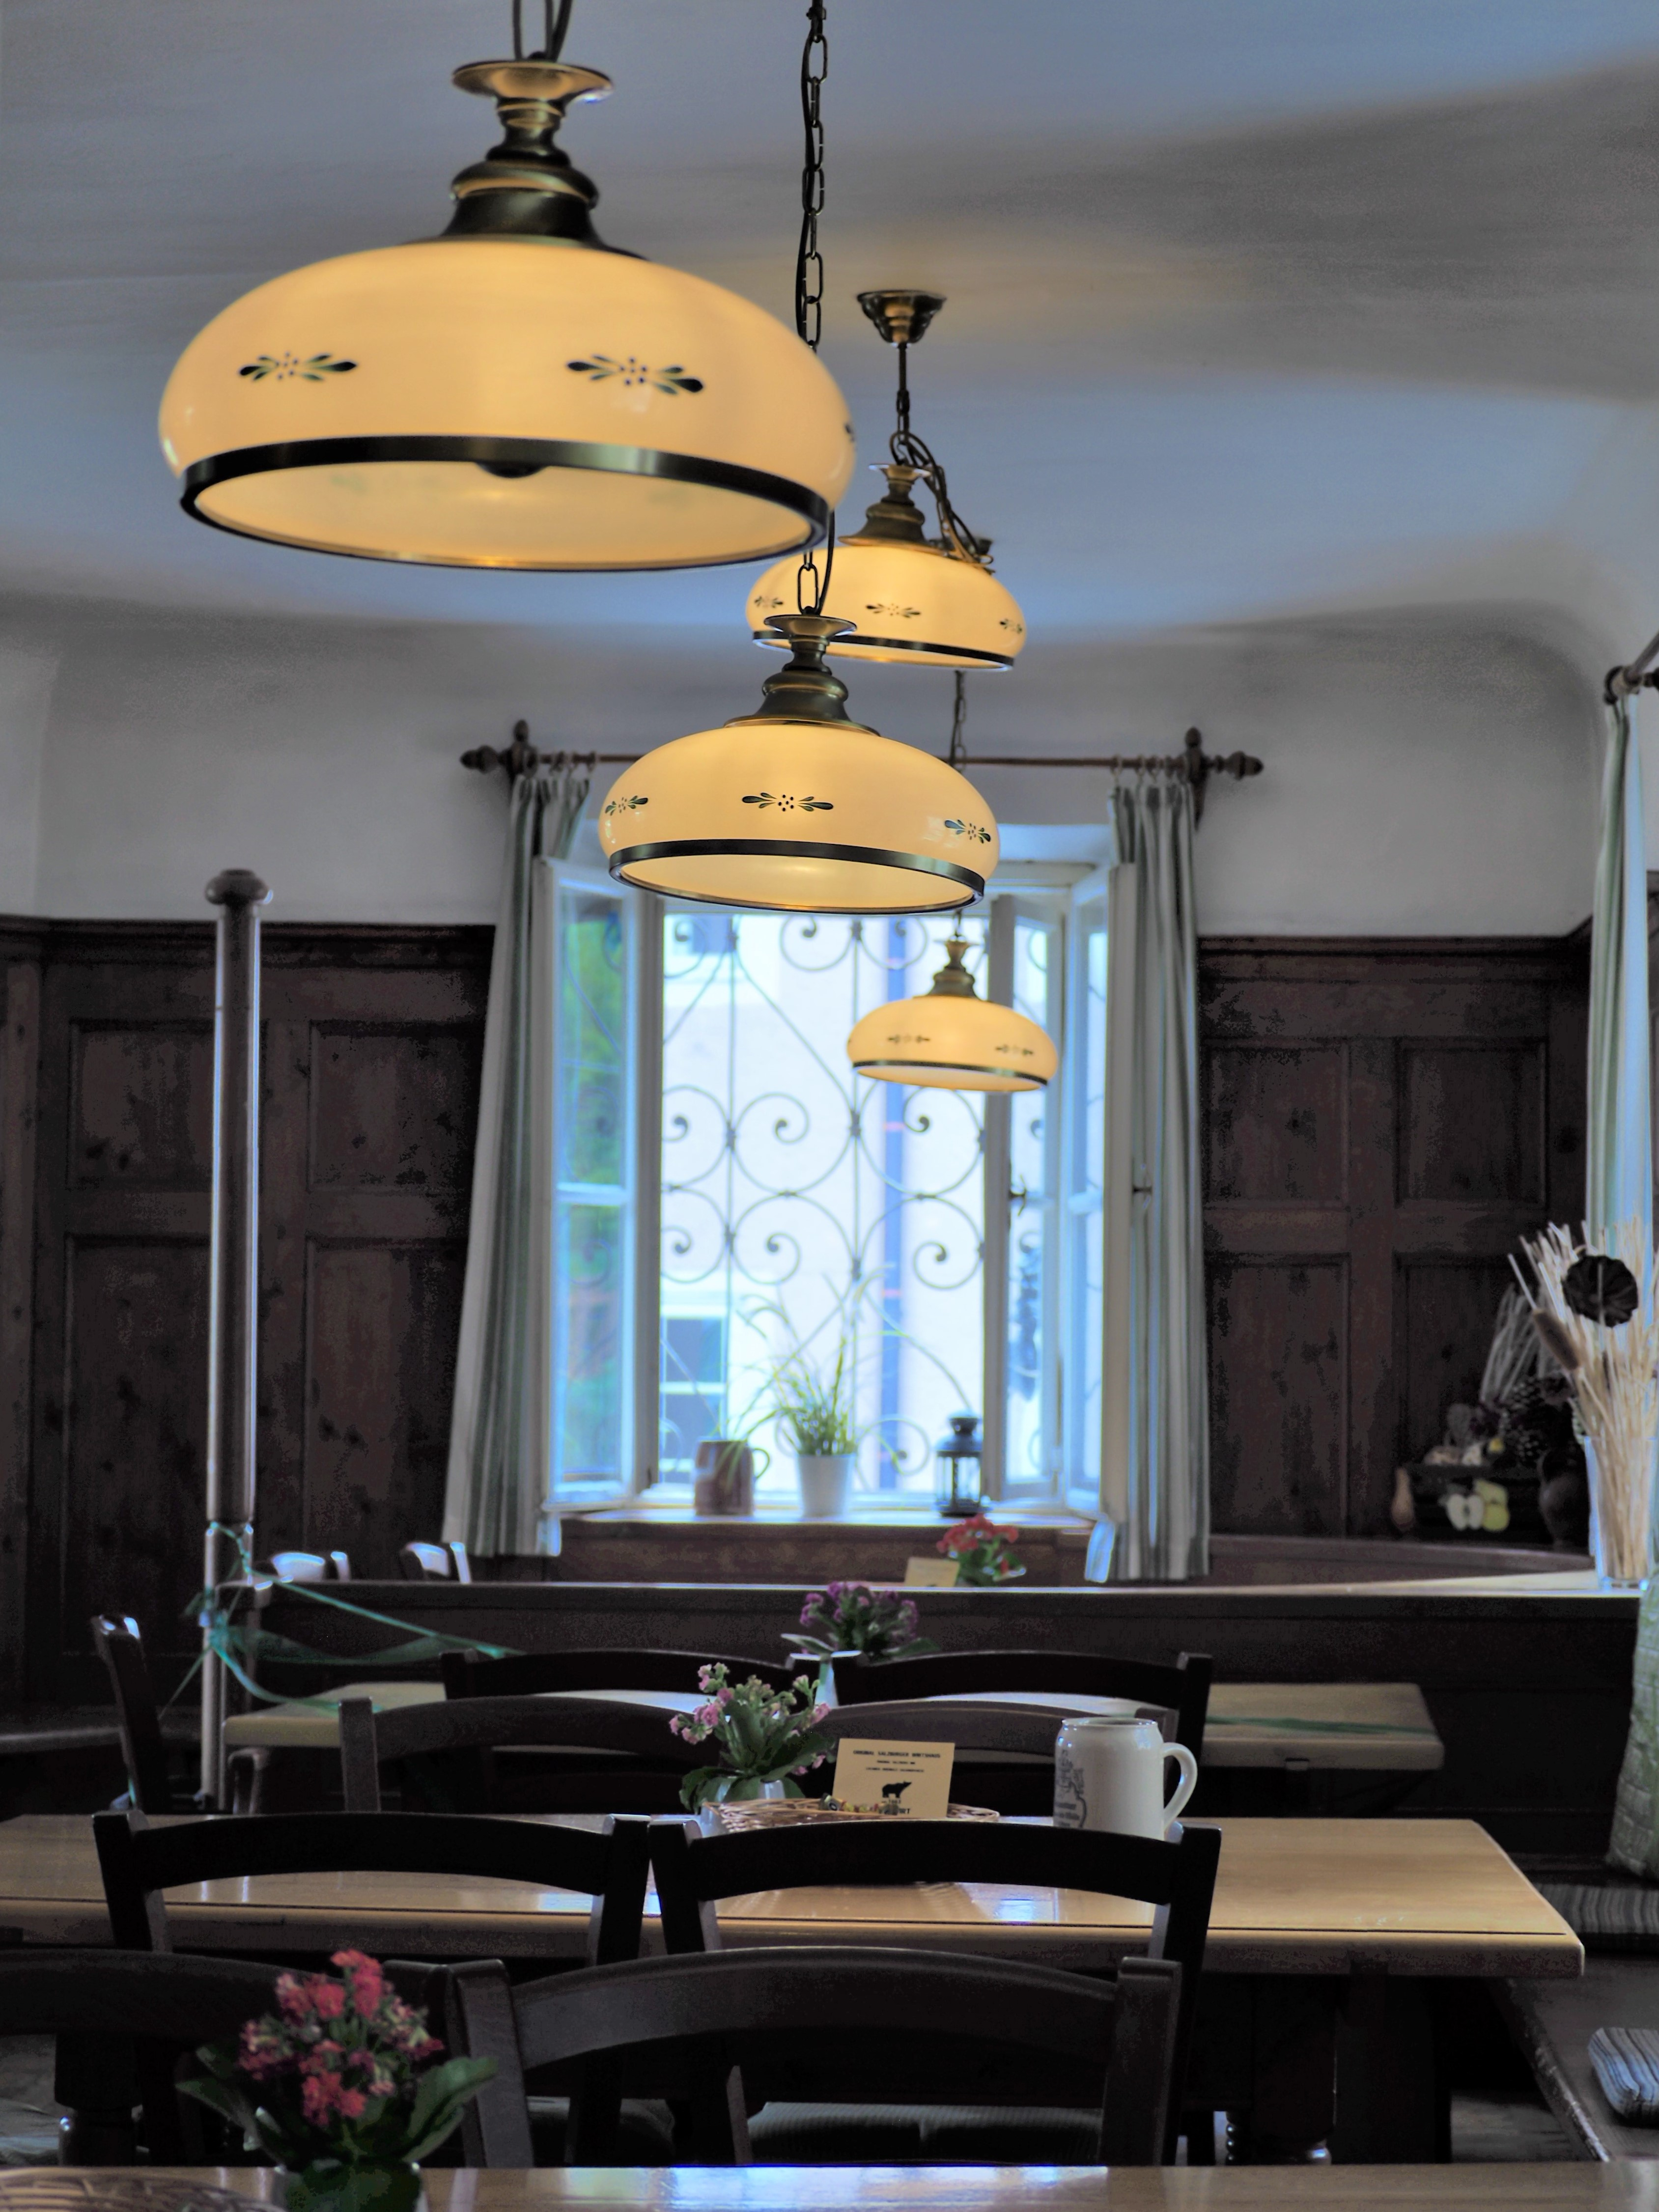 restaurant-salzbourg-pub-bistro-baerenwirt-salle-a-manger